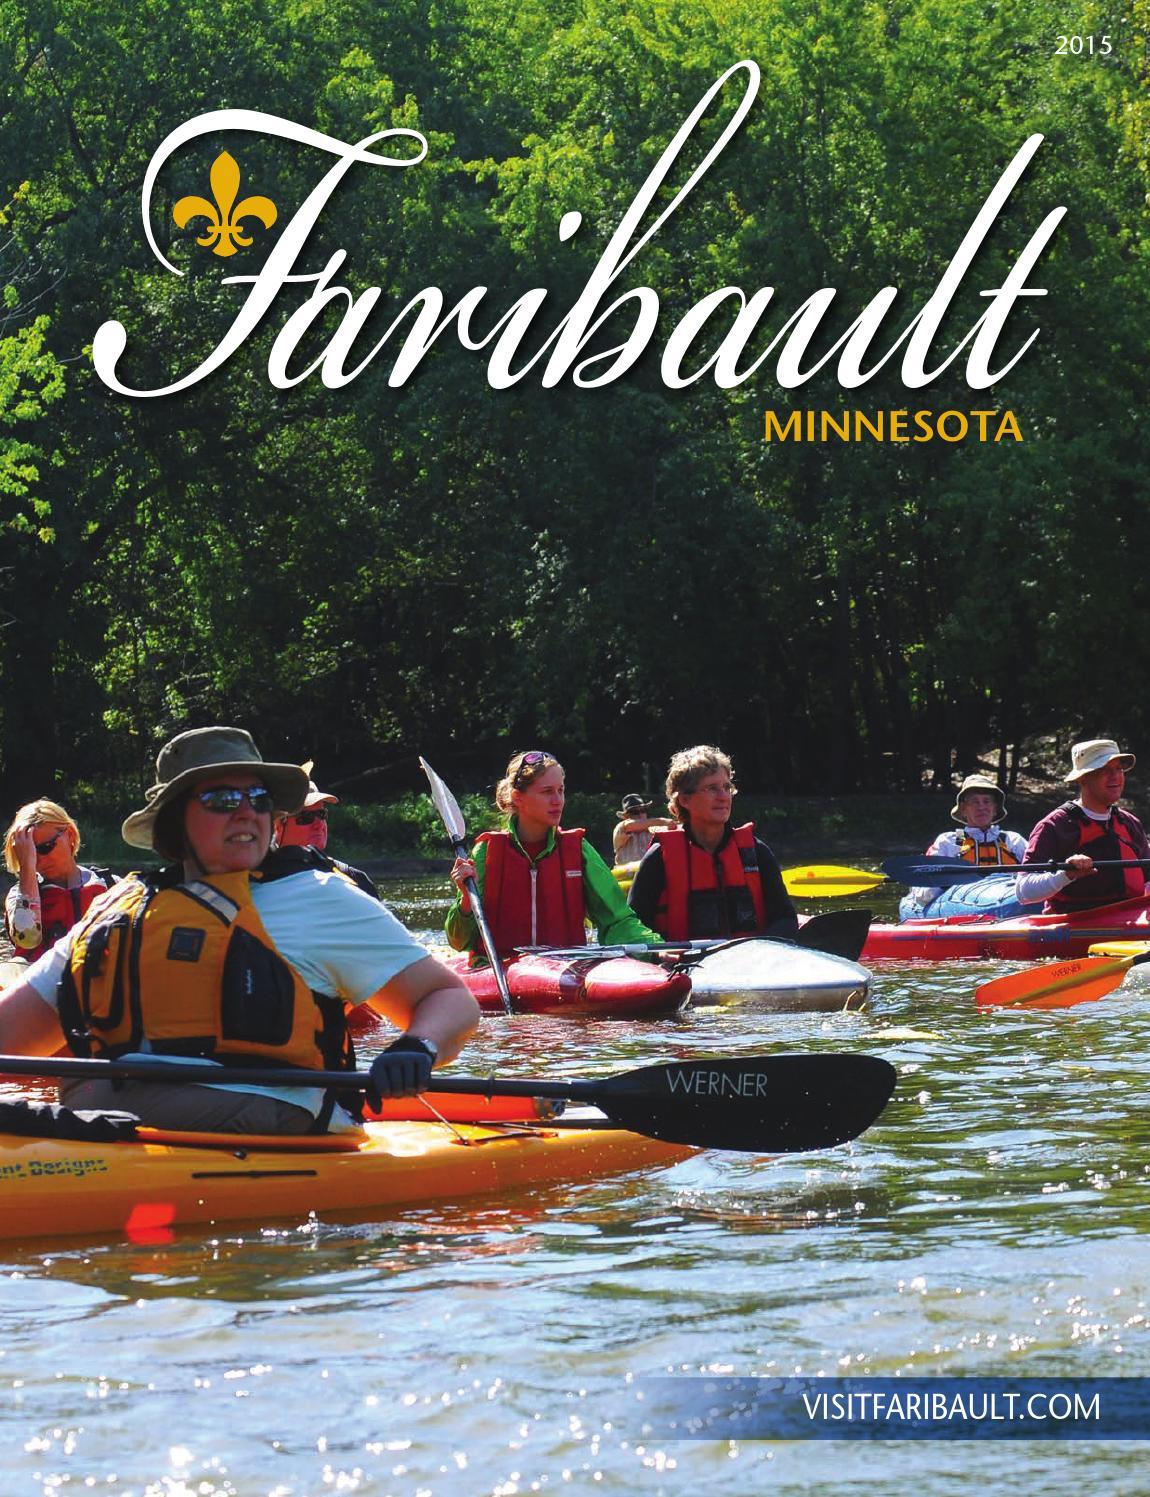 Faribault guide 2015 by Kate Noet - issuu